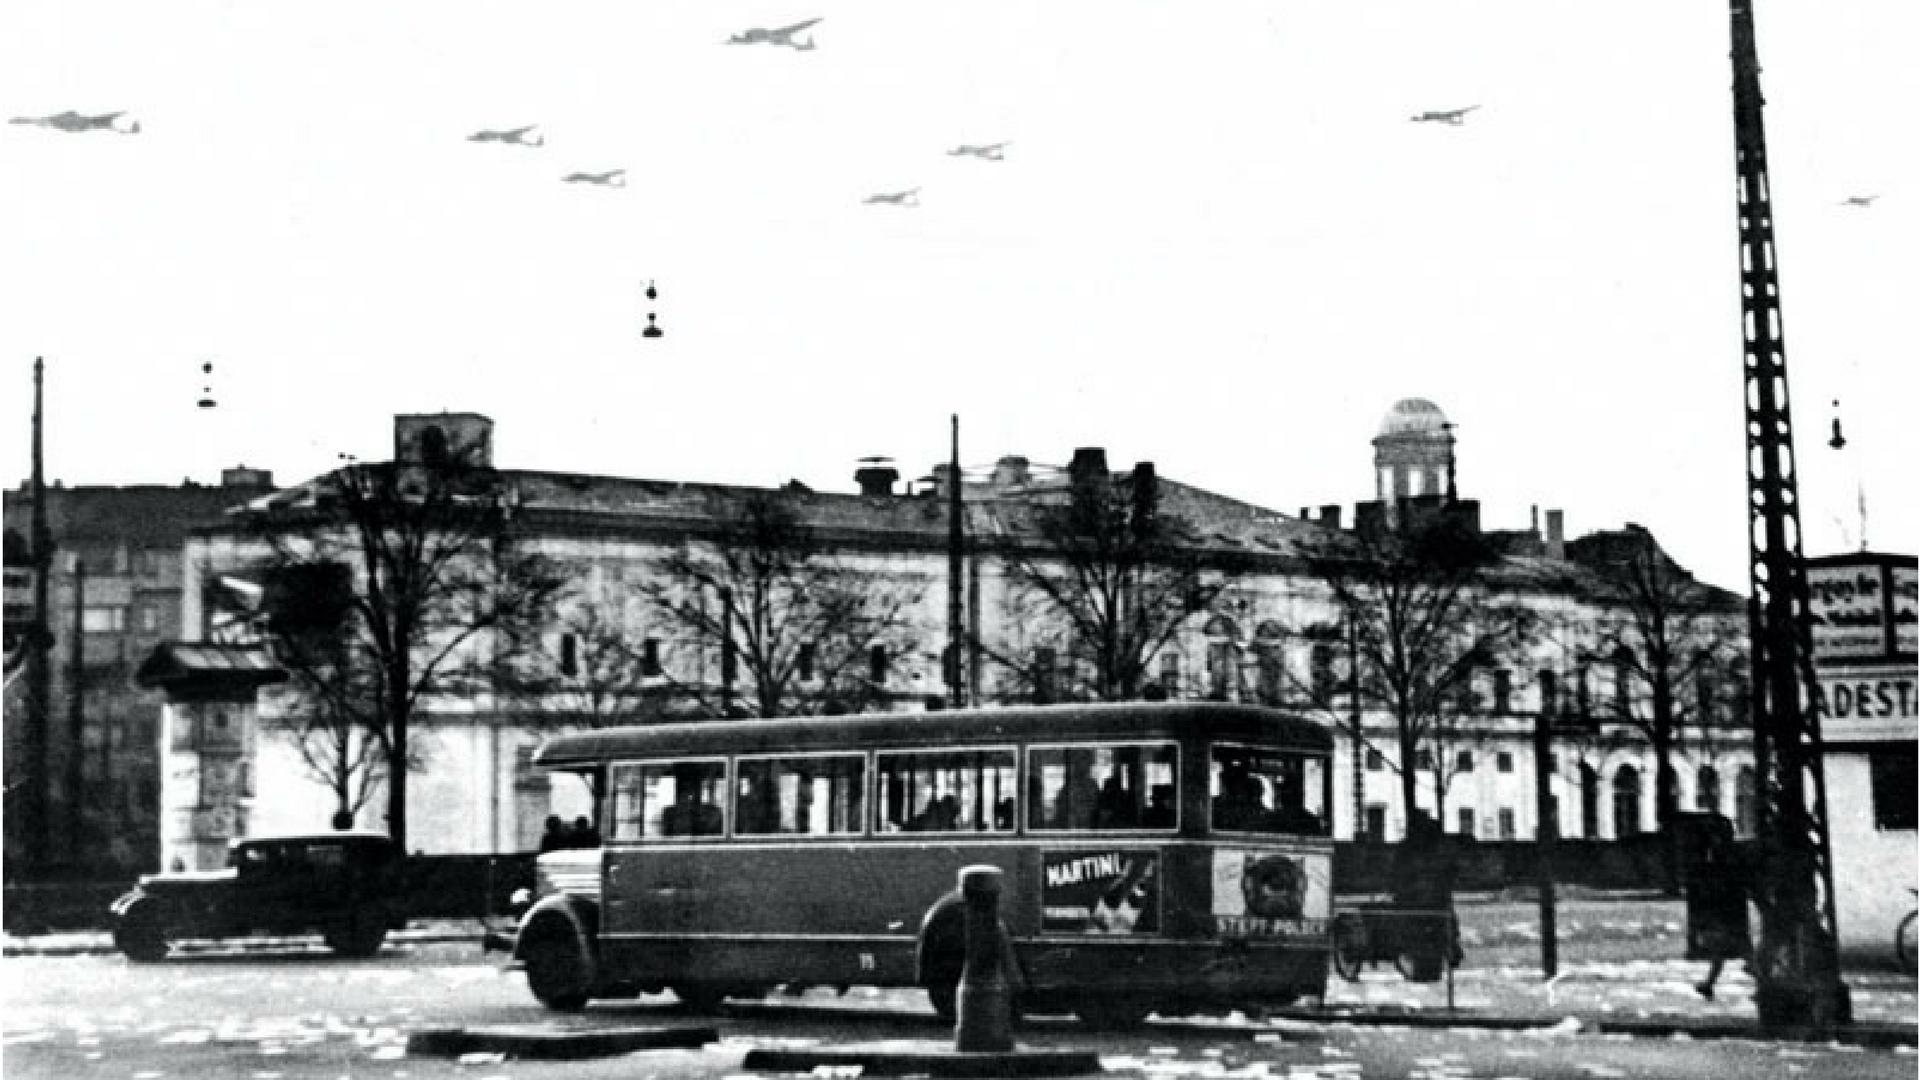 Besættelsen, Anden Verdenskrig, 9. april 1940, Besættelsen i billeder